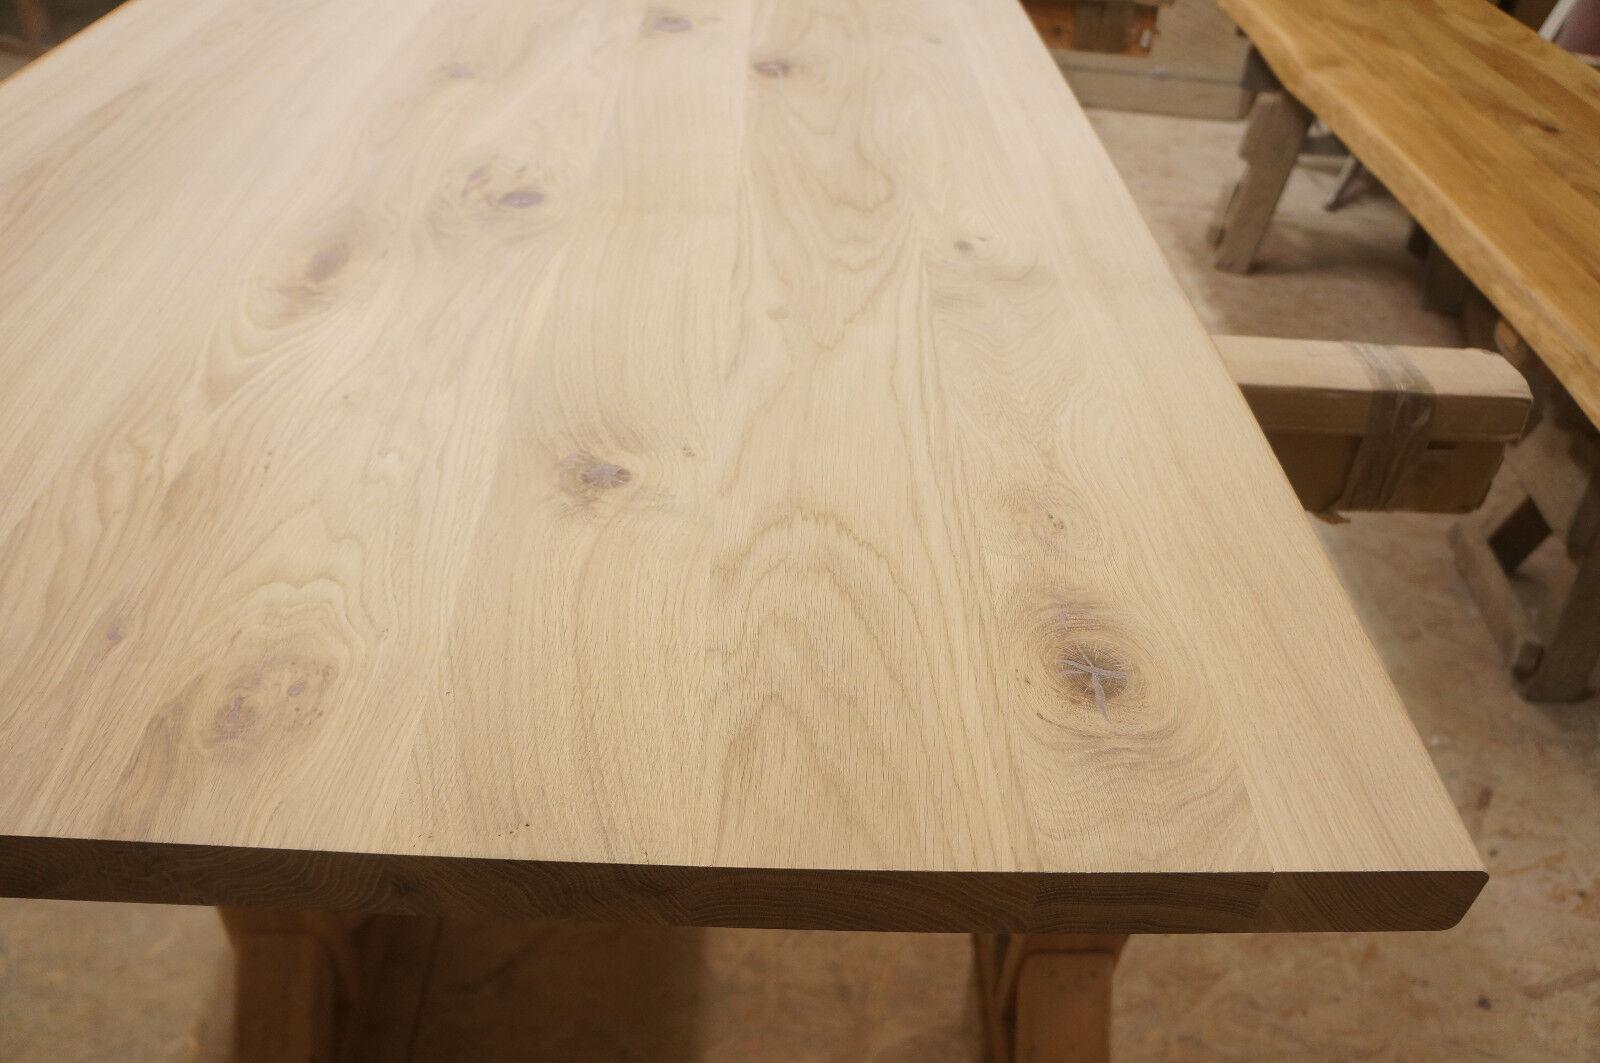 tischplatte arbeitsplatte massivholzplatte esstisch eiche rustikal 40mm roh holz eur 112 10. Black Bedroom Furniture Sets. Home Design Ideas